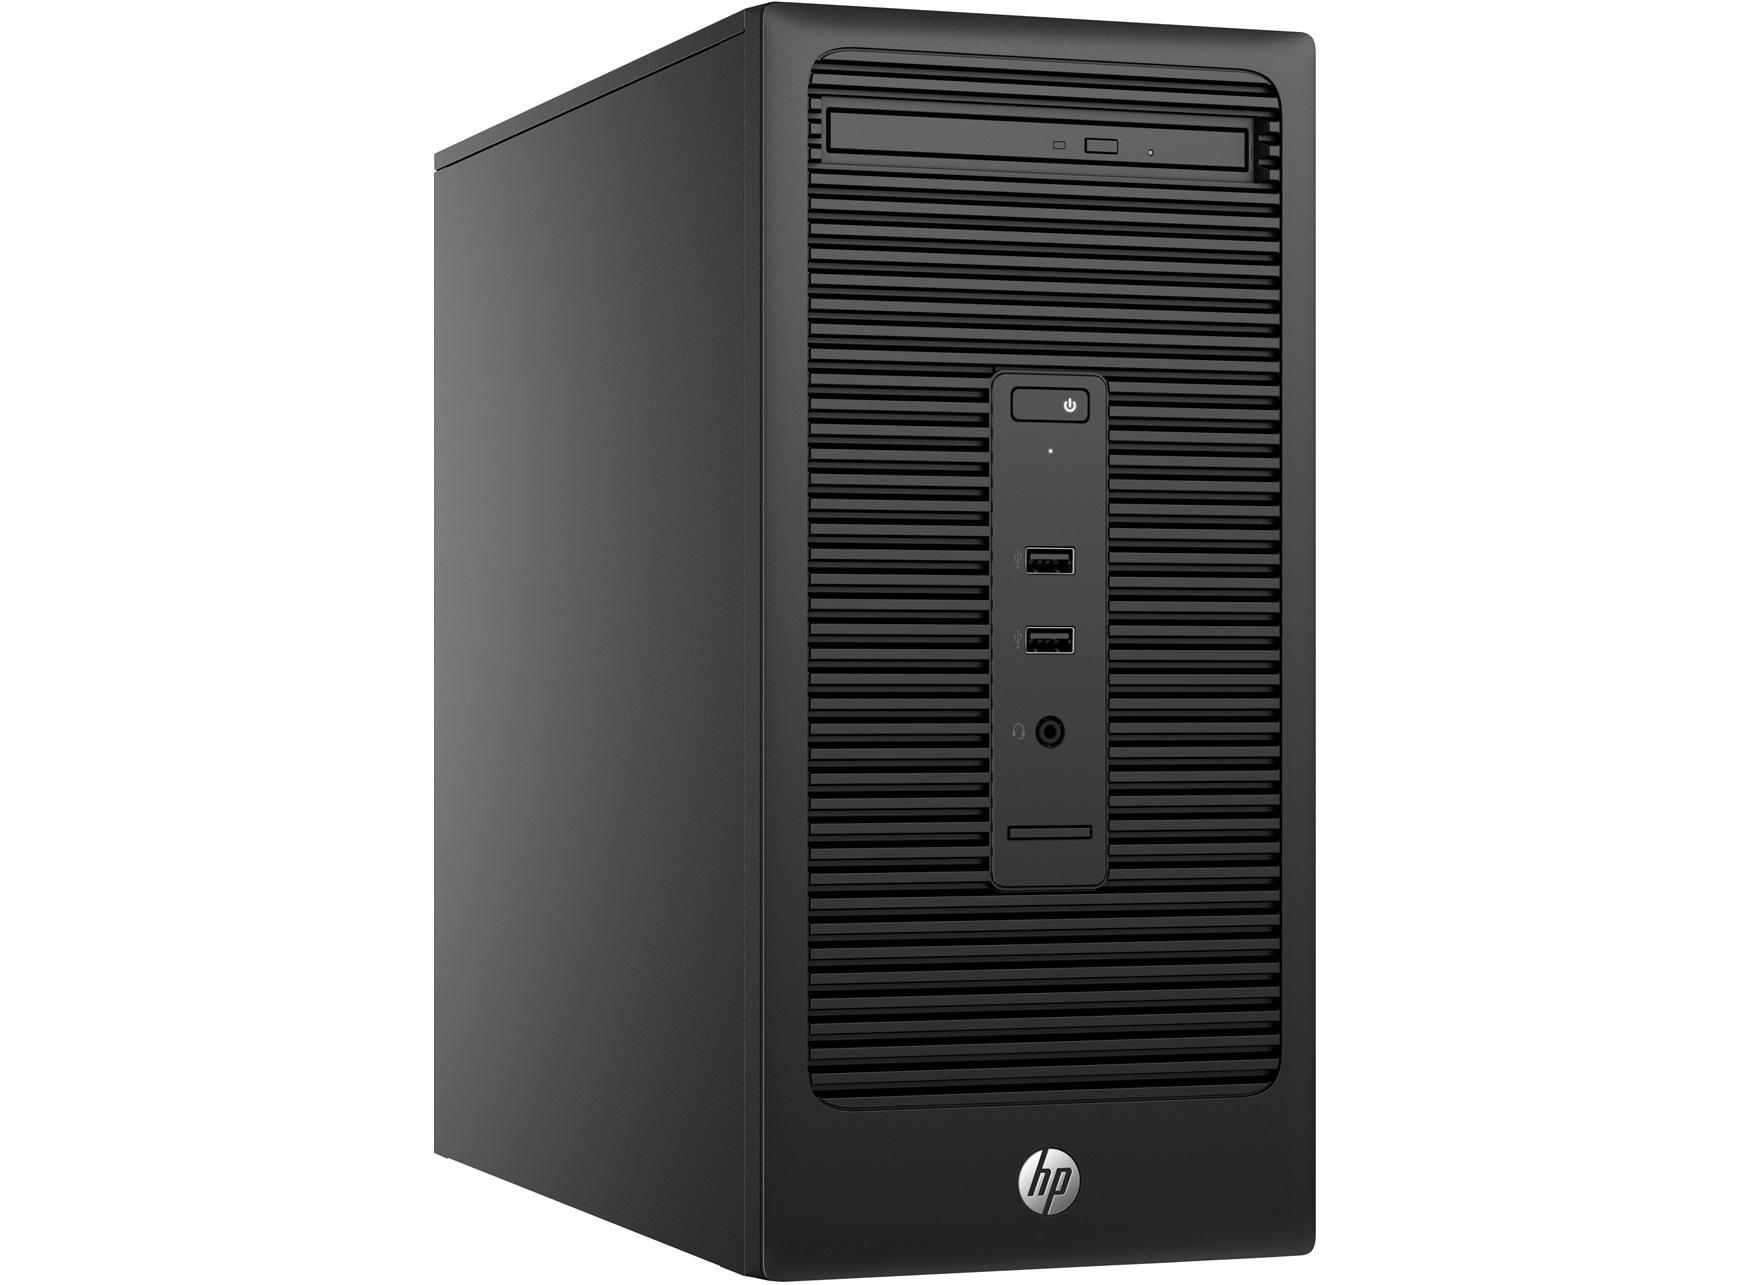 Máy tính để bàn HP 280 G2 Microtower - 1AM03PA